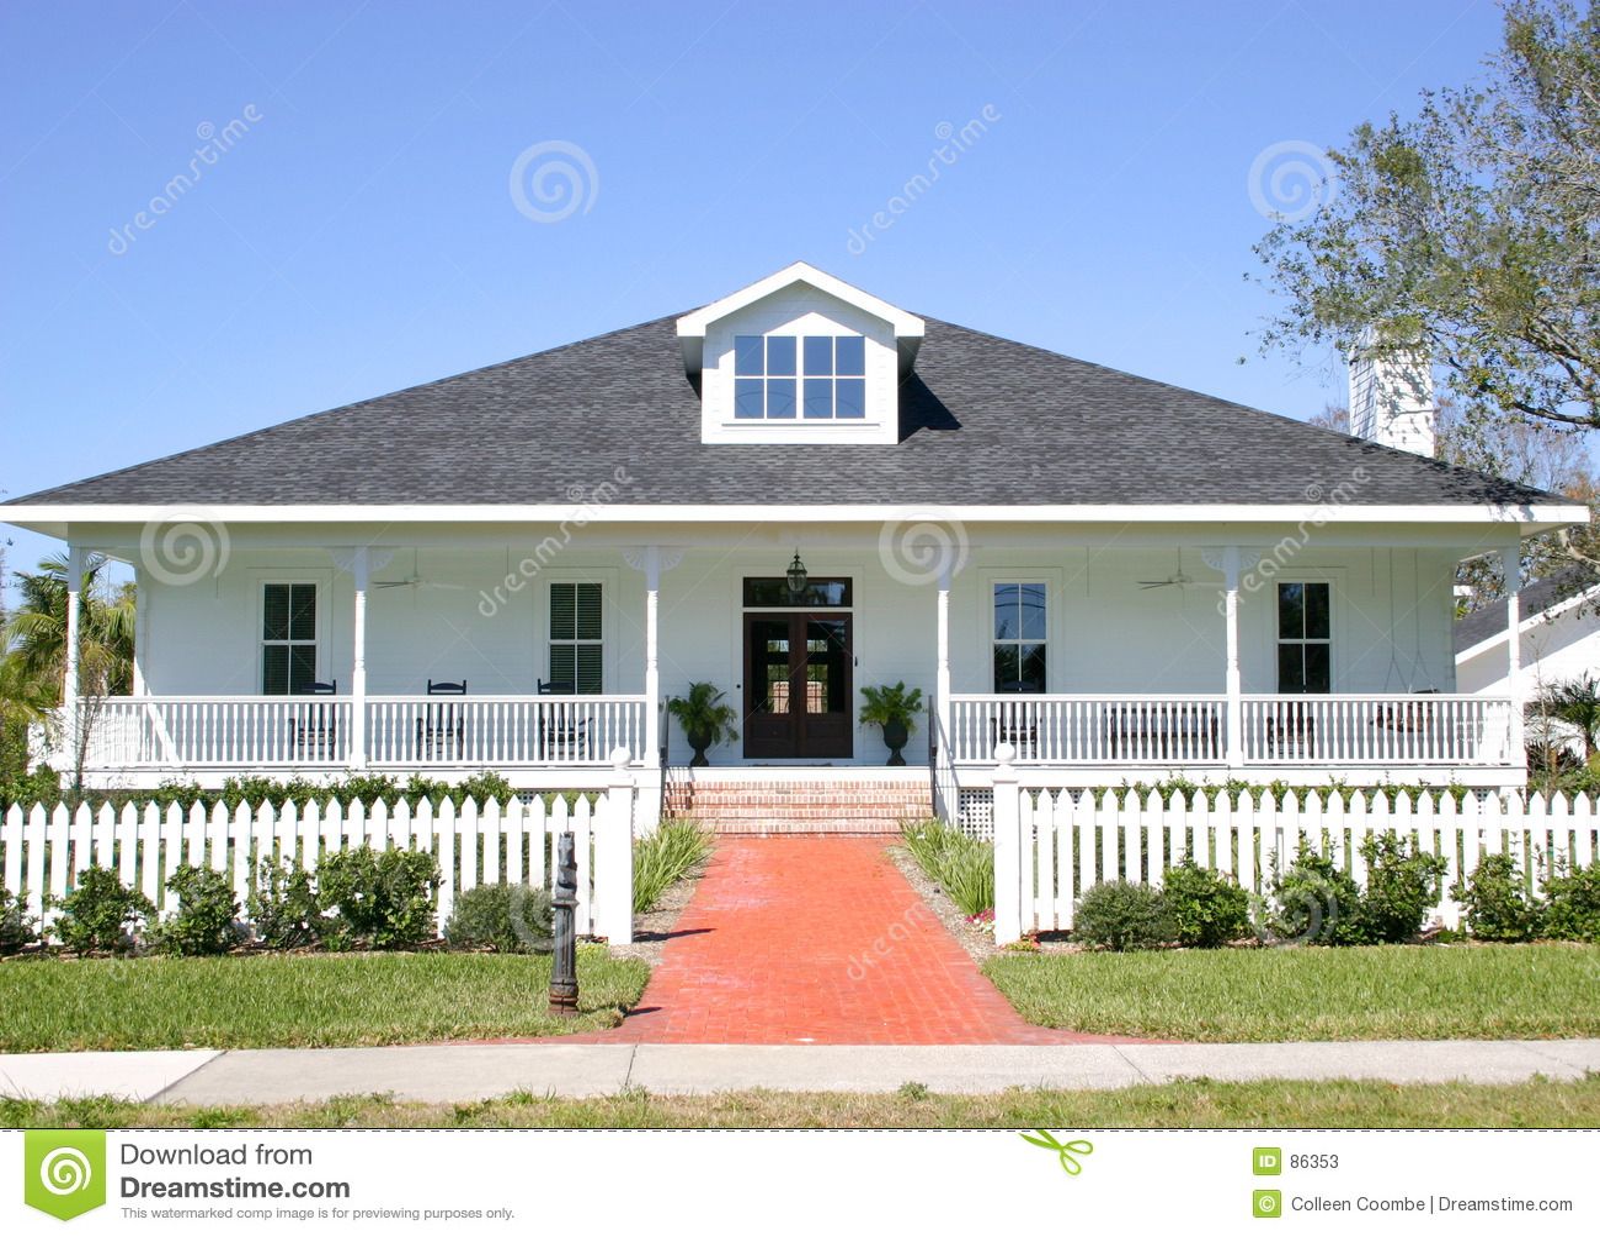 Сельский дом дизайн фото